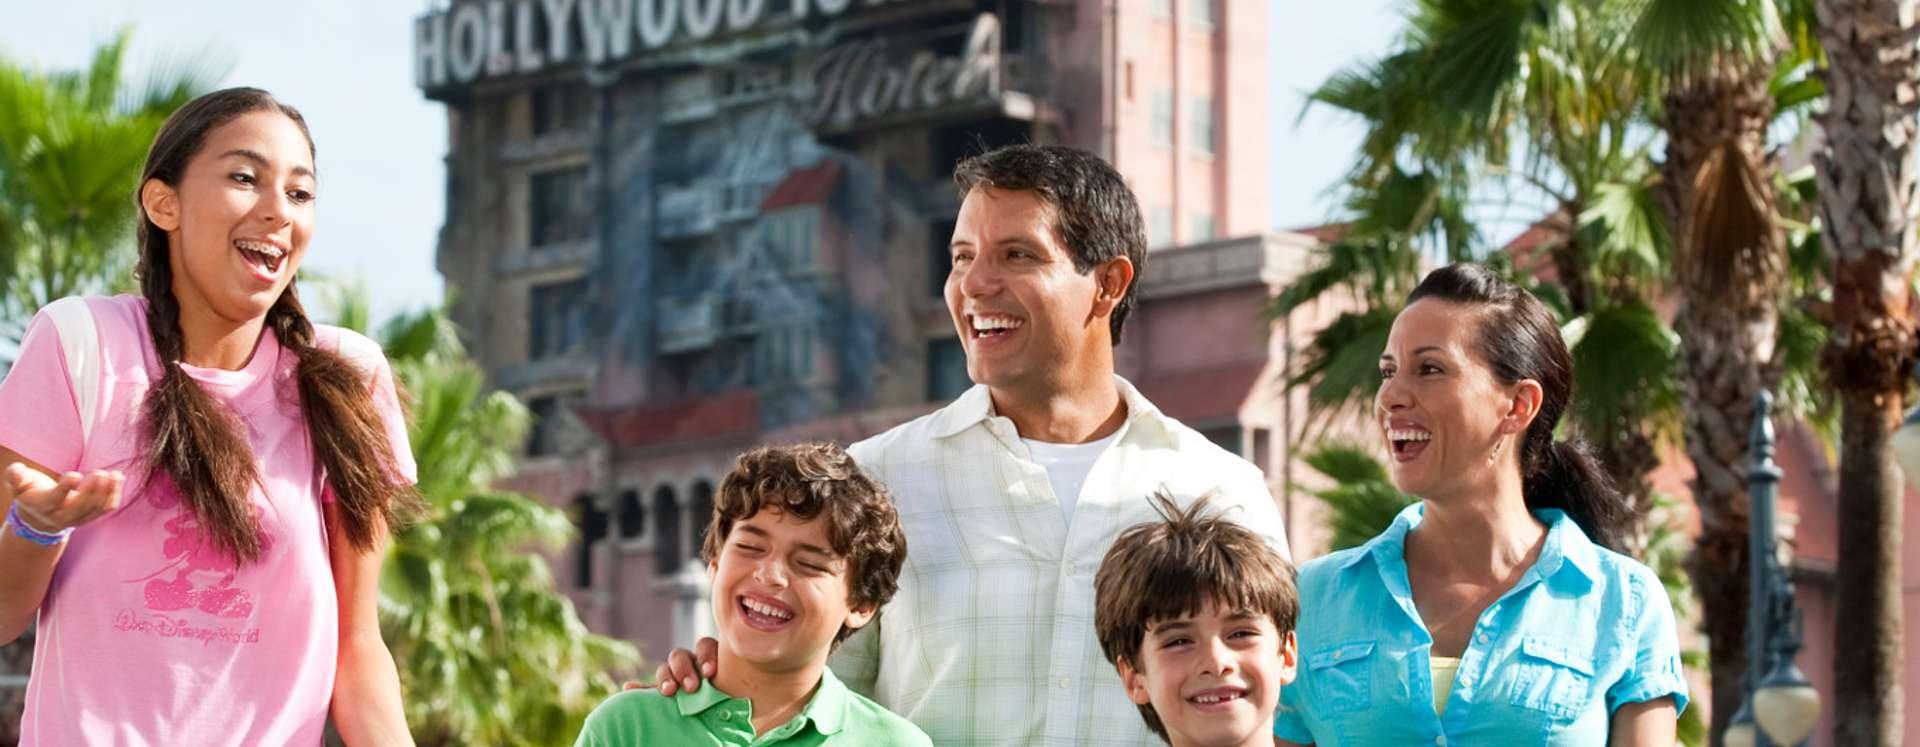 Família em frente à Torre de Hollywood do Terror no Disney's Hollywood Studios